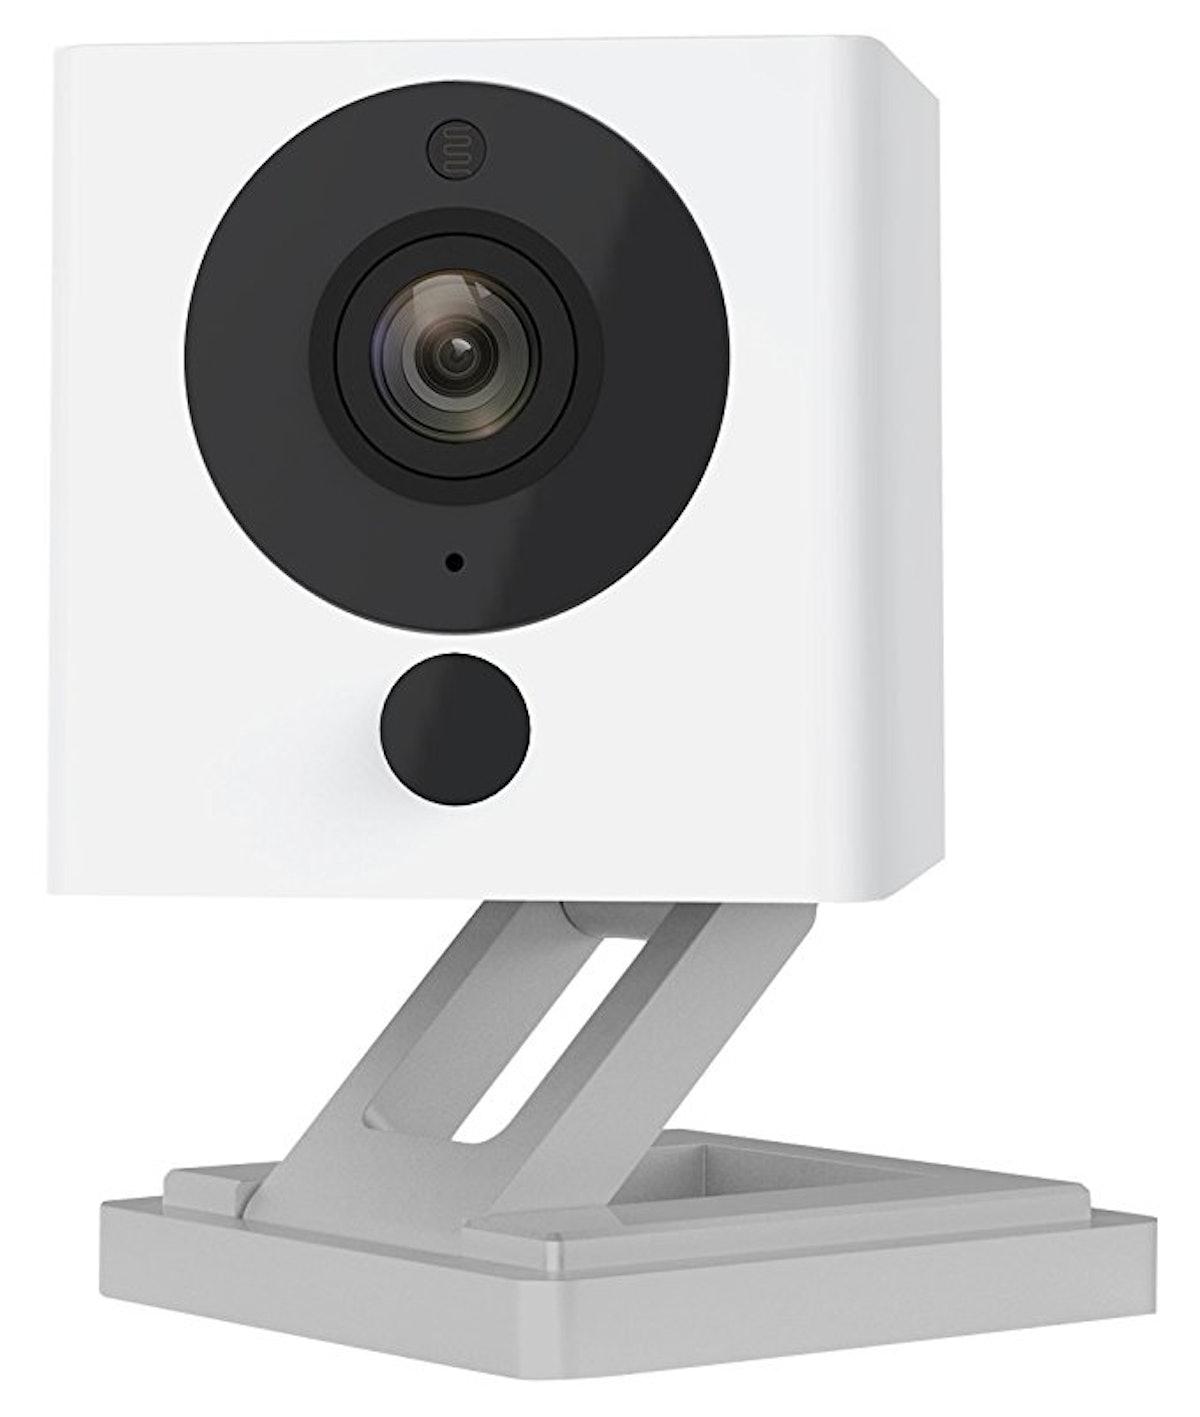 Wyze Labs Wyze Cam 1080p Smart Home Camera